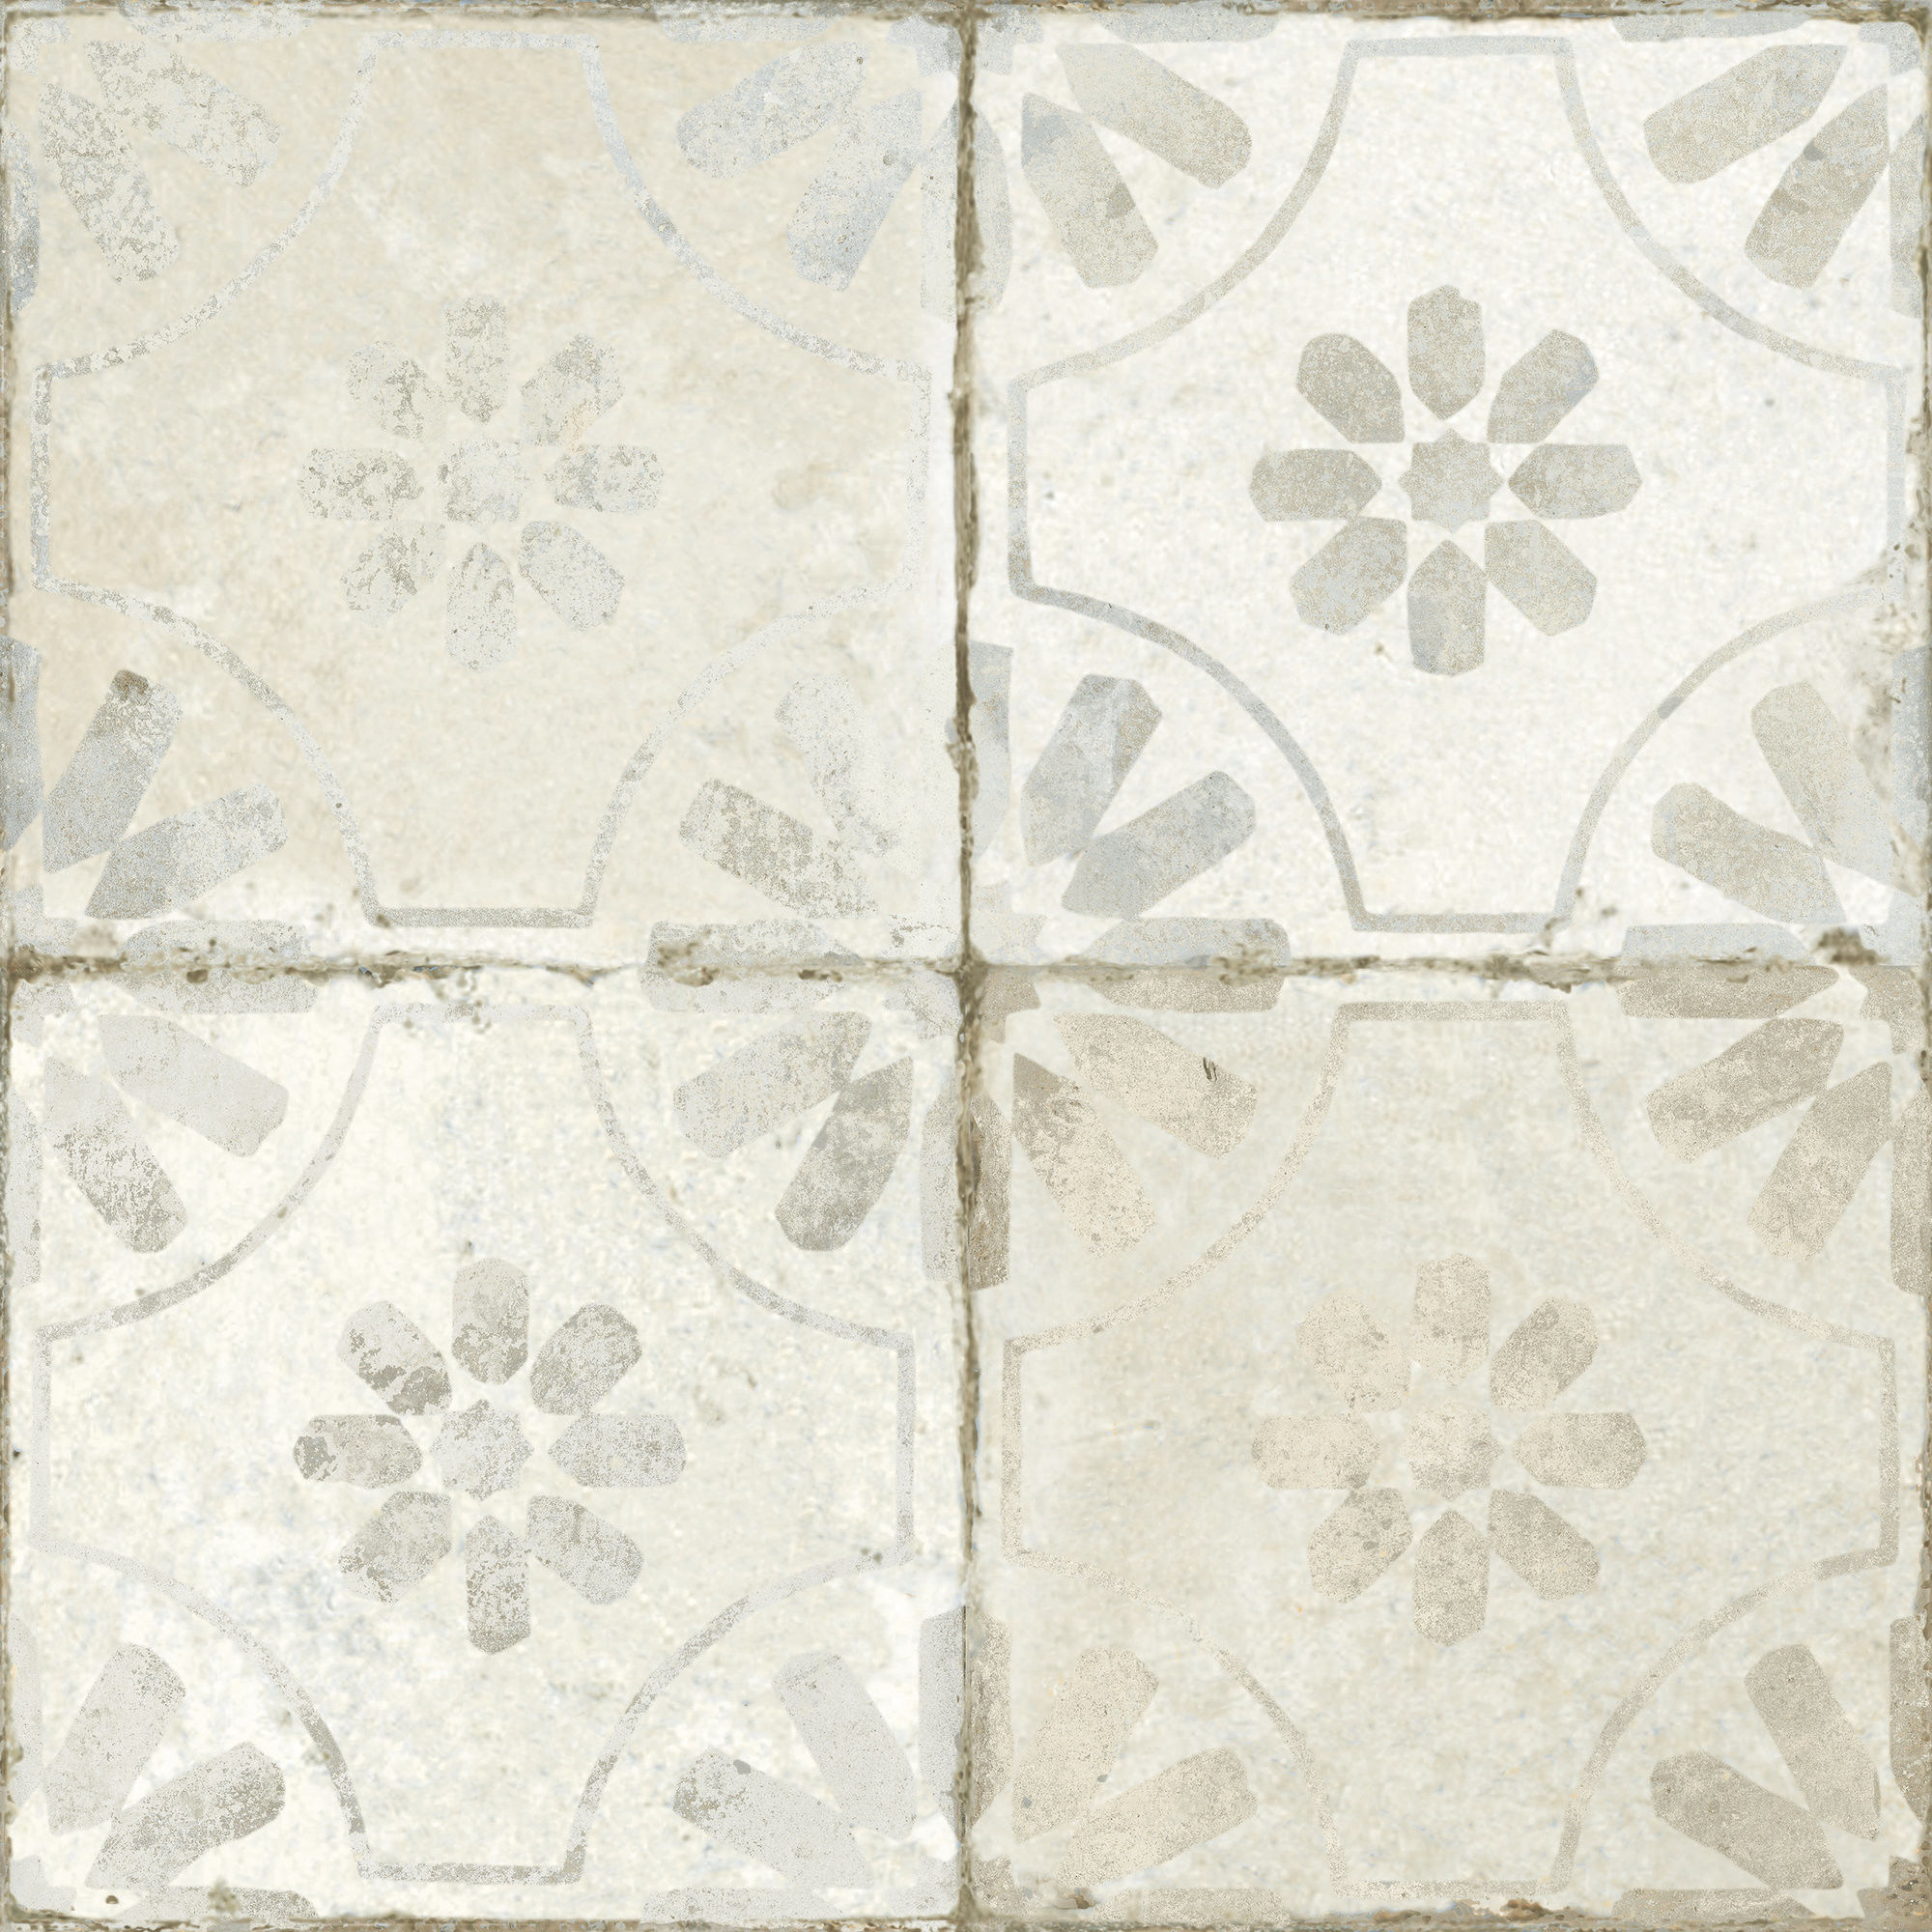 FS Blume White 45x45 płytka podłogowa